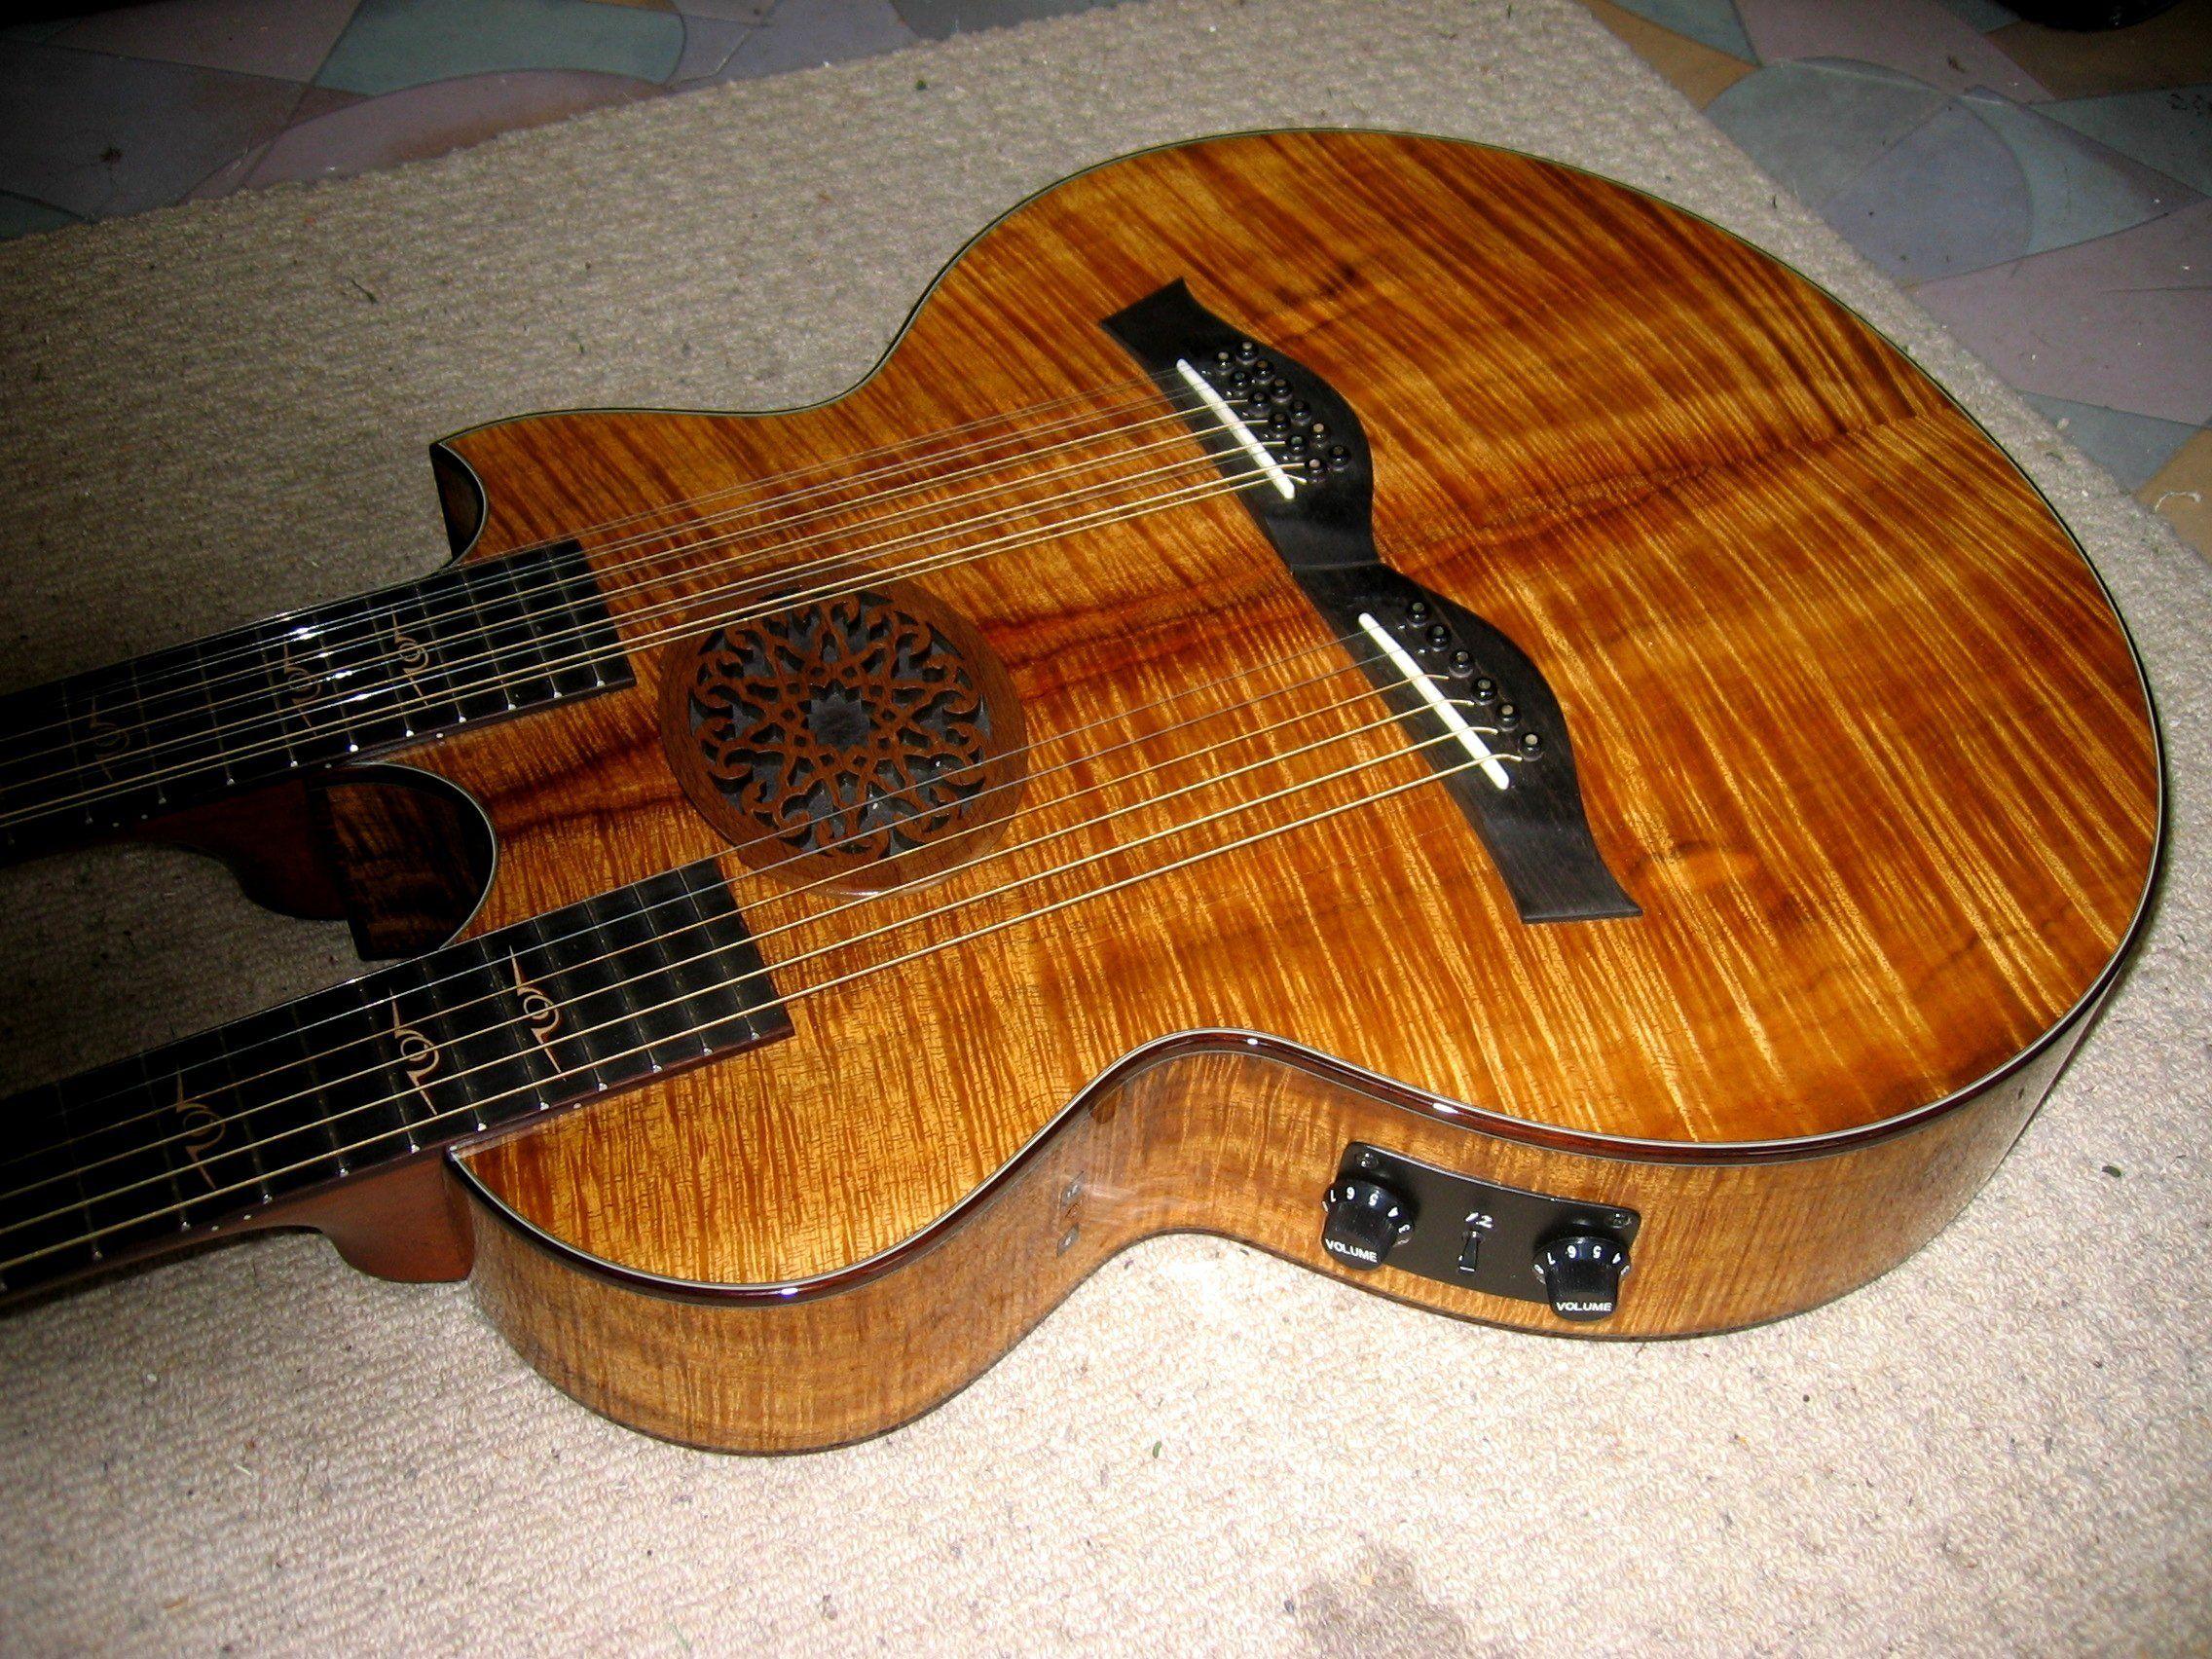 Richie Sambora's double neck Taylor acoustic